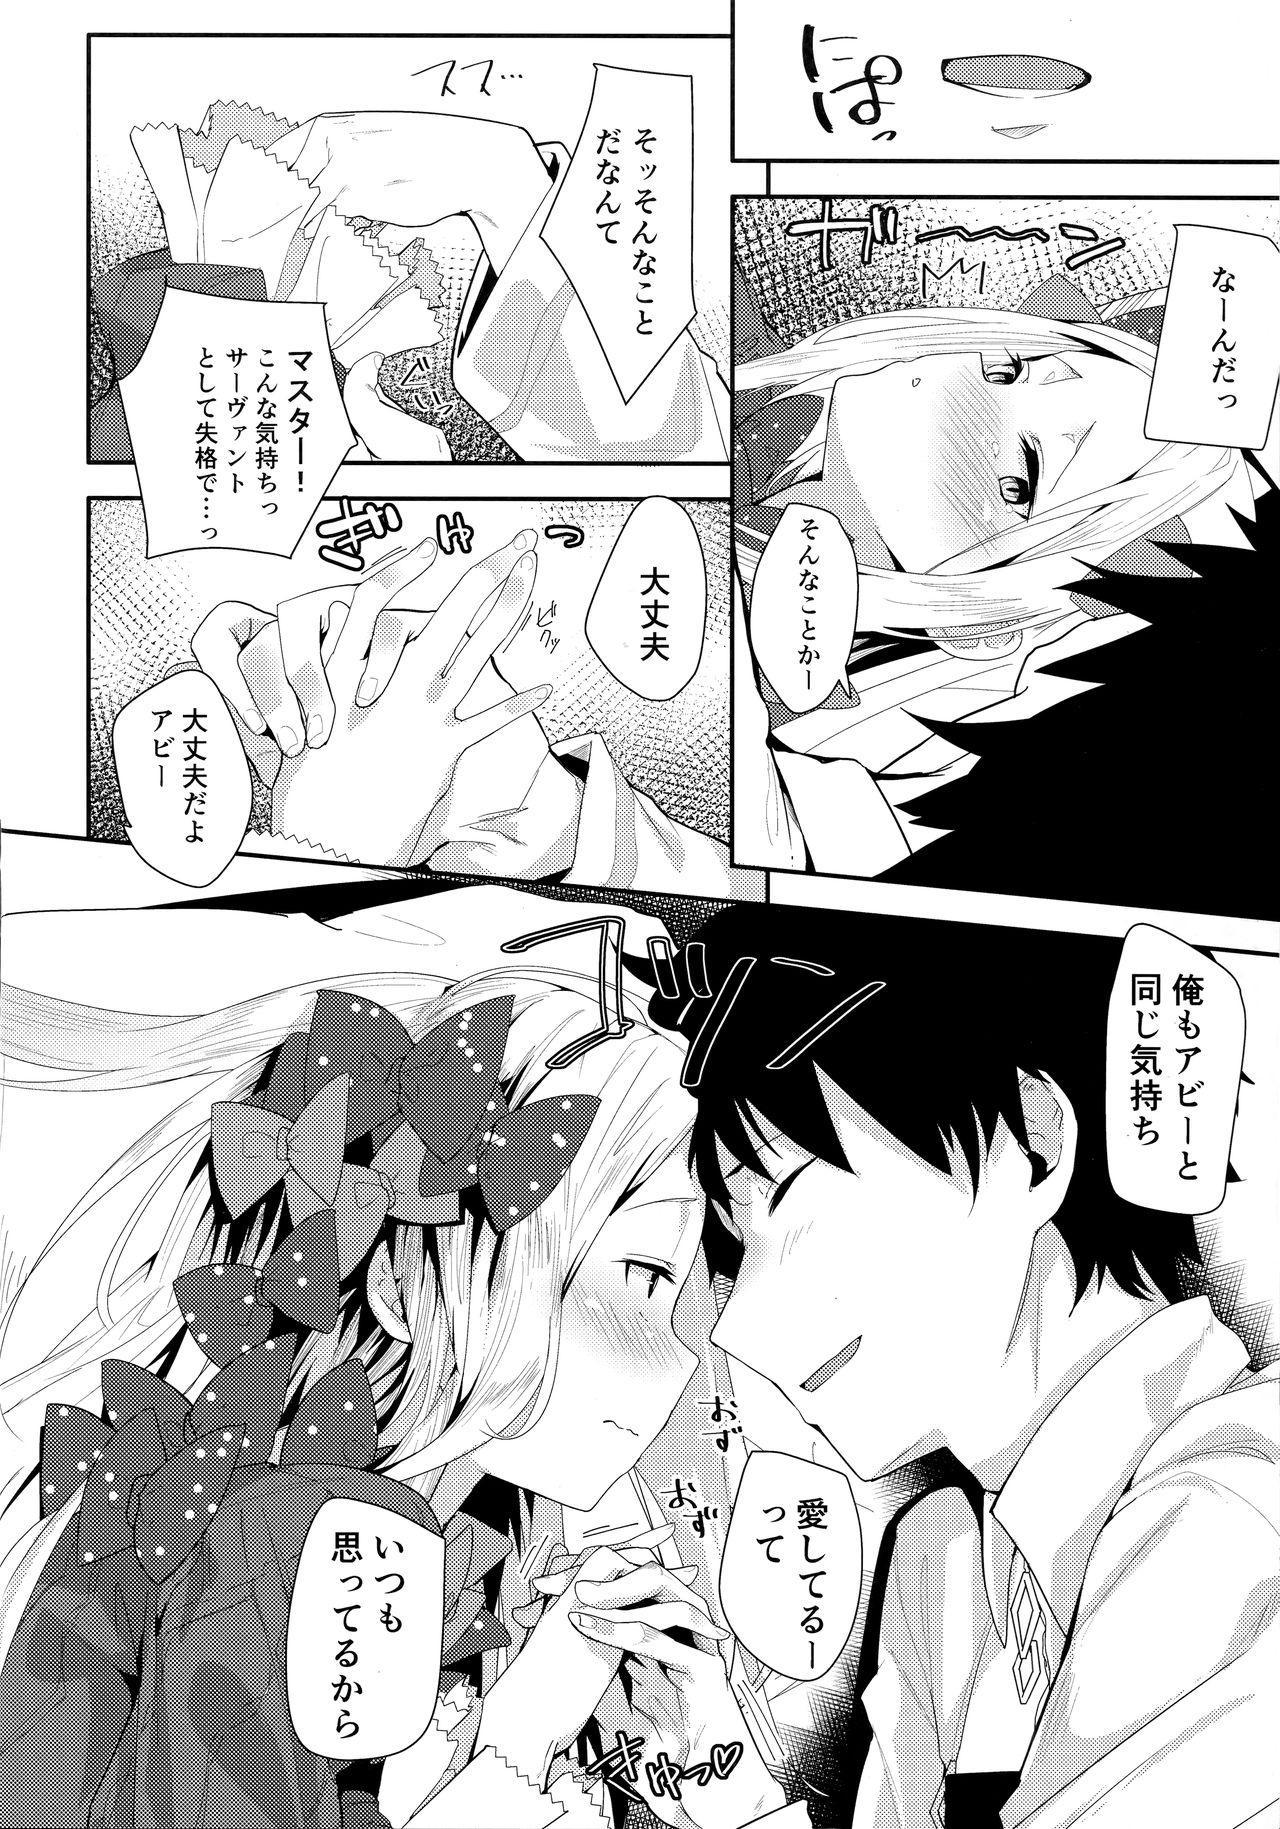 Abby-chan wa Ikenai Ko? 8